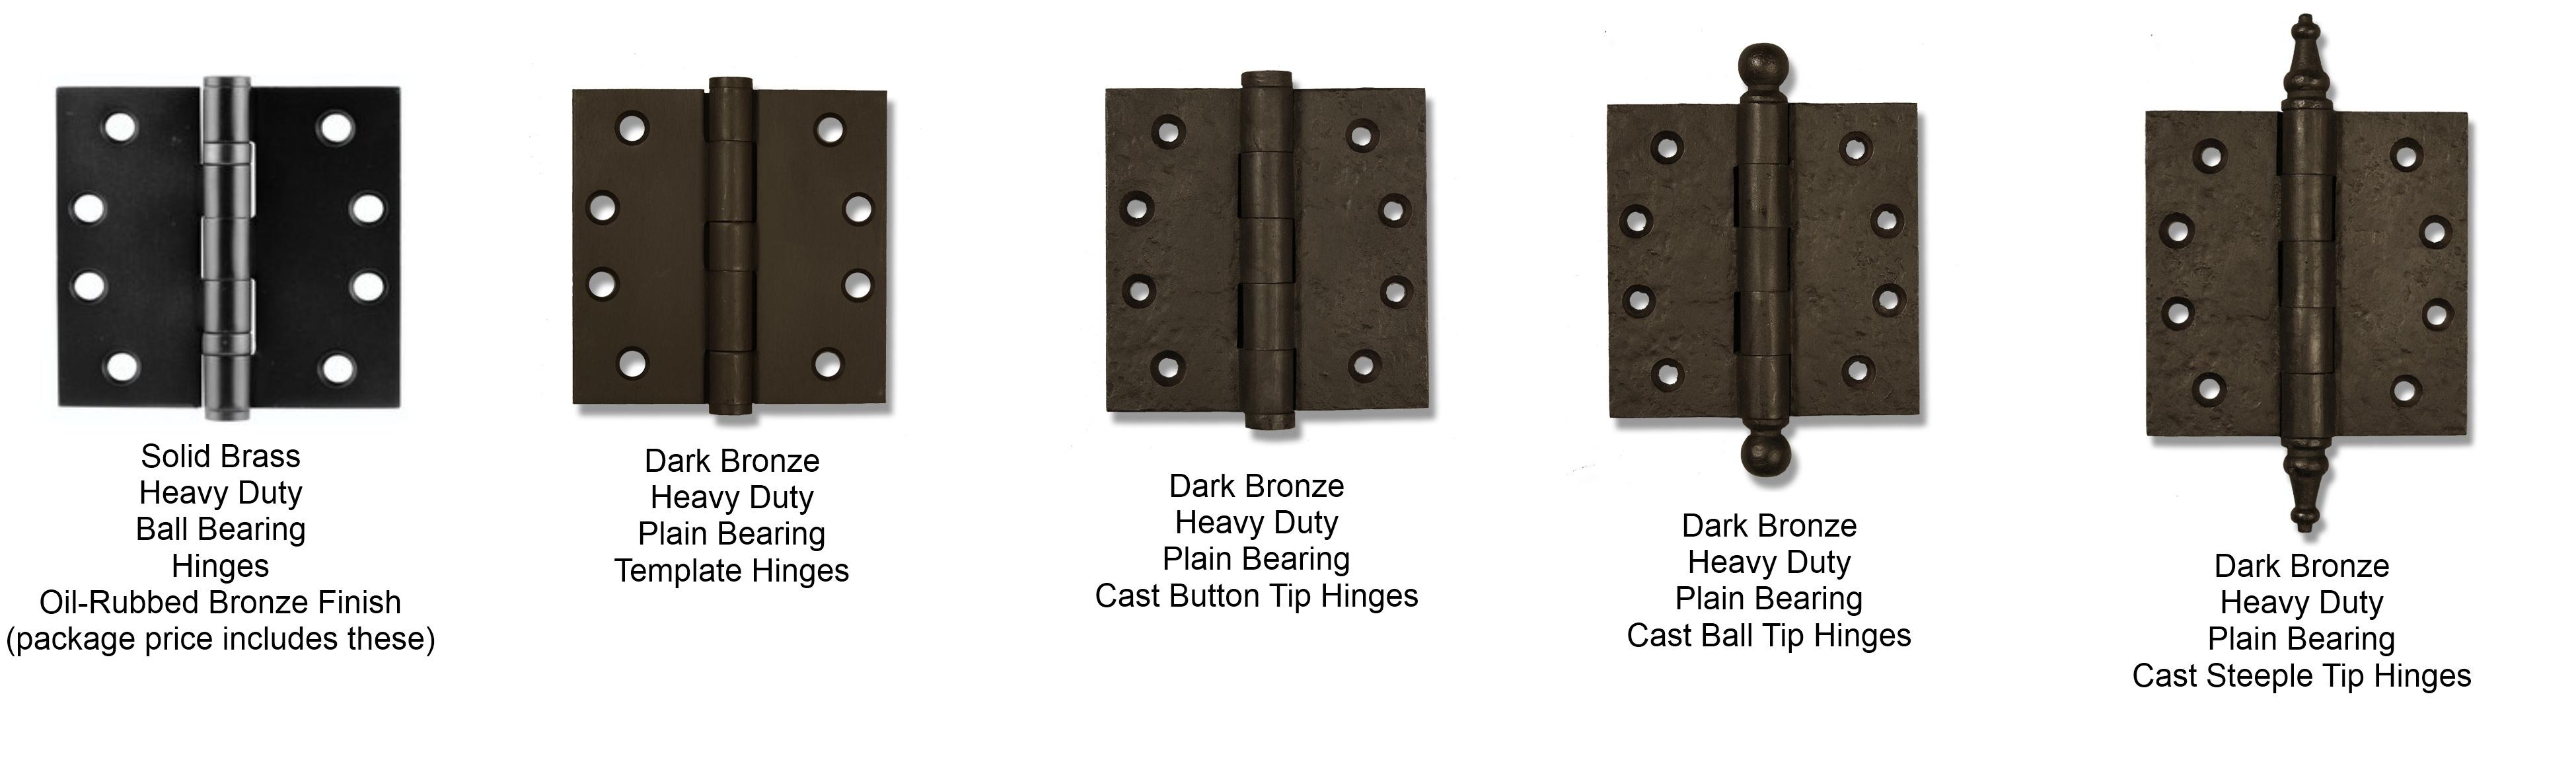 coastal-bronze-hinge-options-gate-door-hardware.jpg